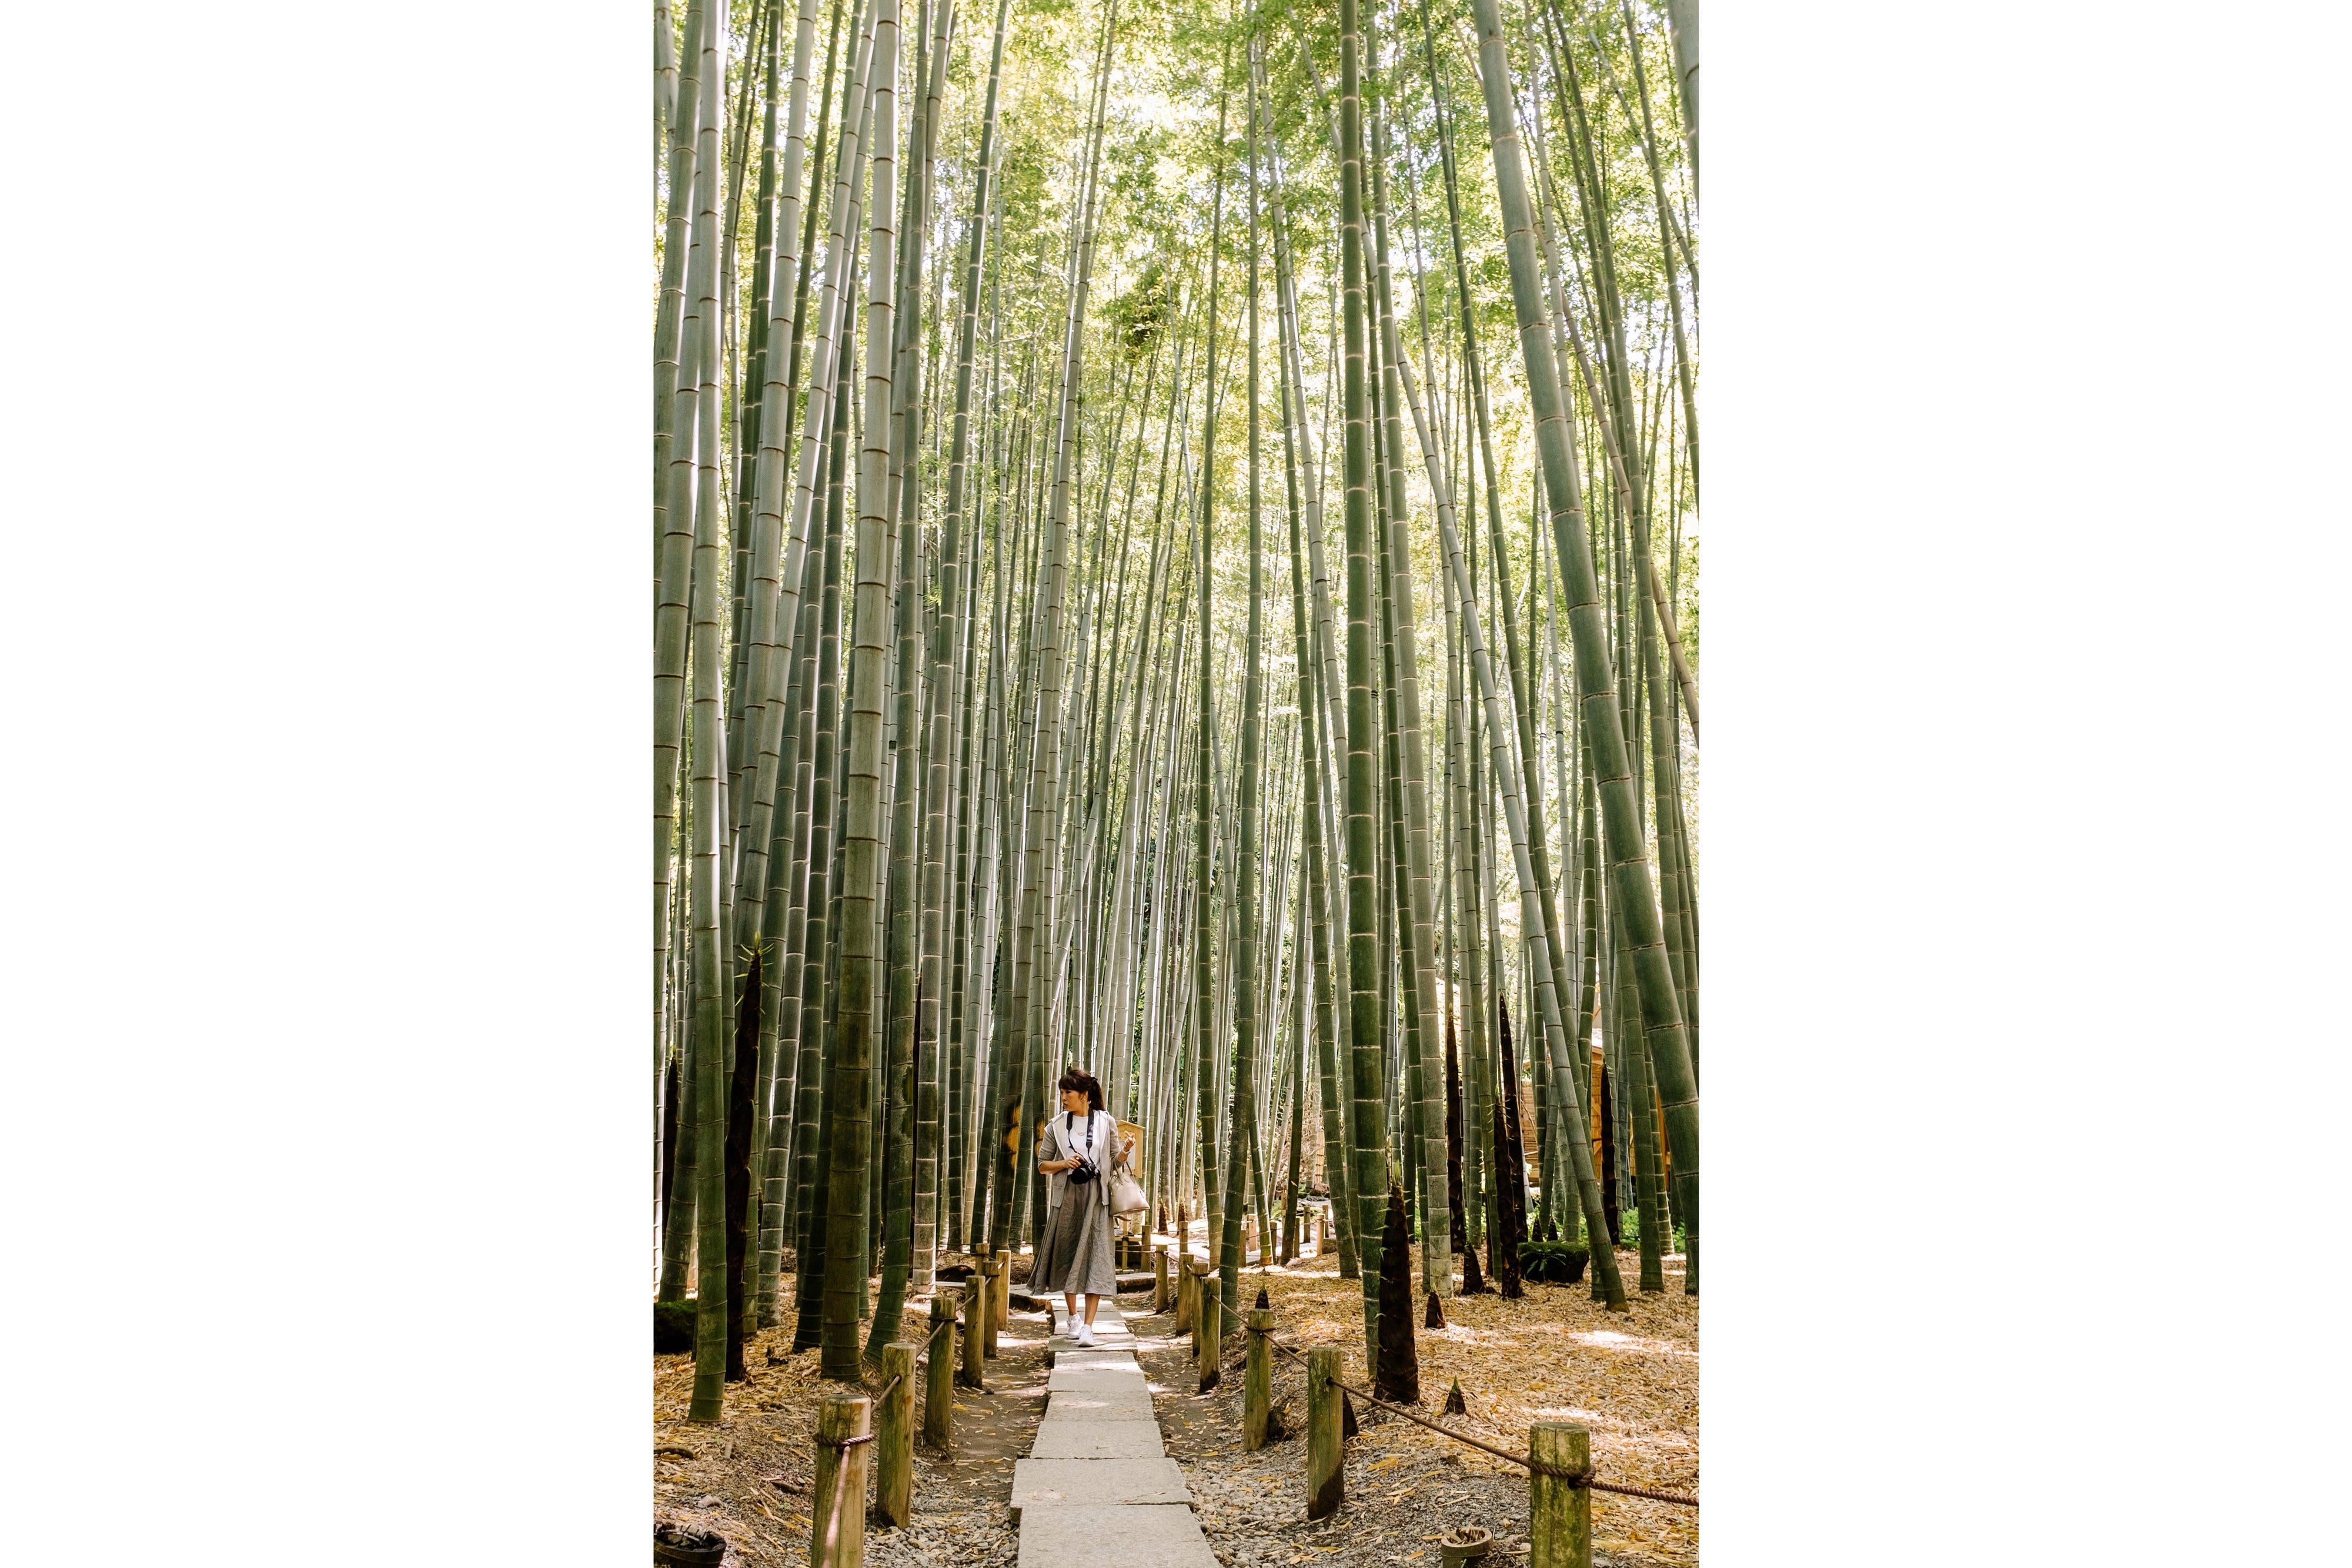 Bamboo grove at the temple of Hōkoku-ji